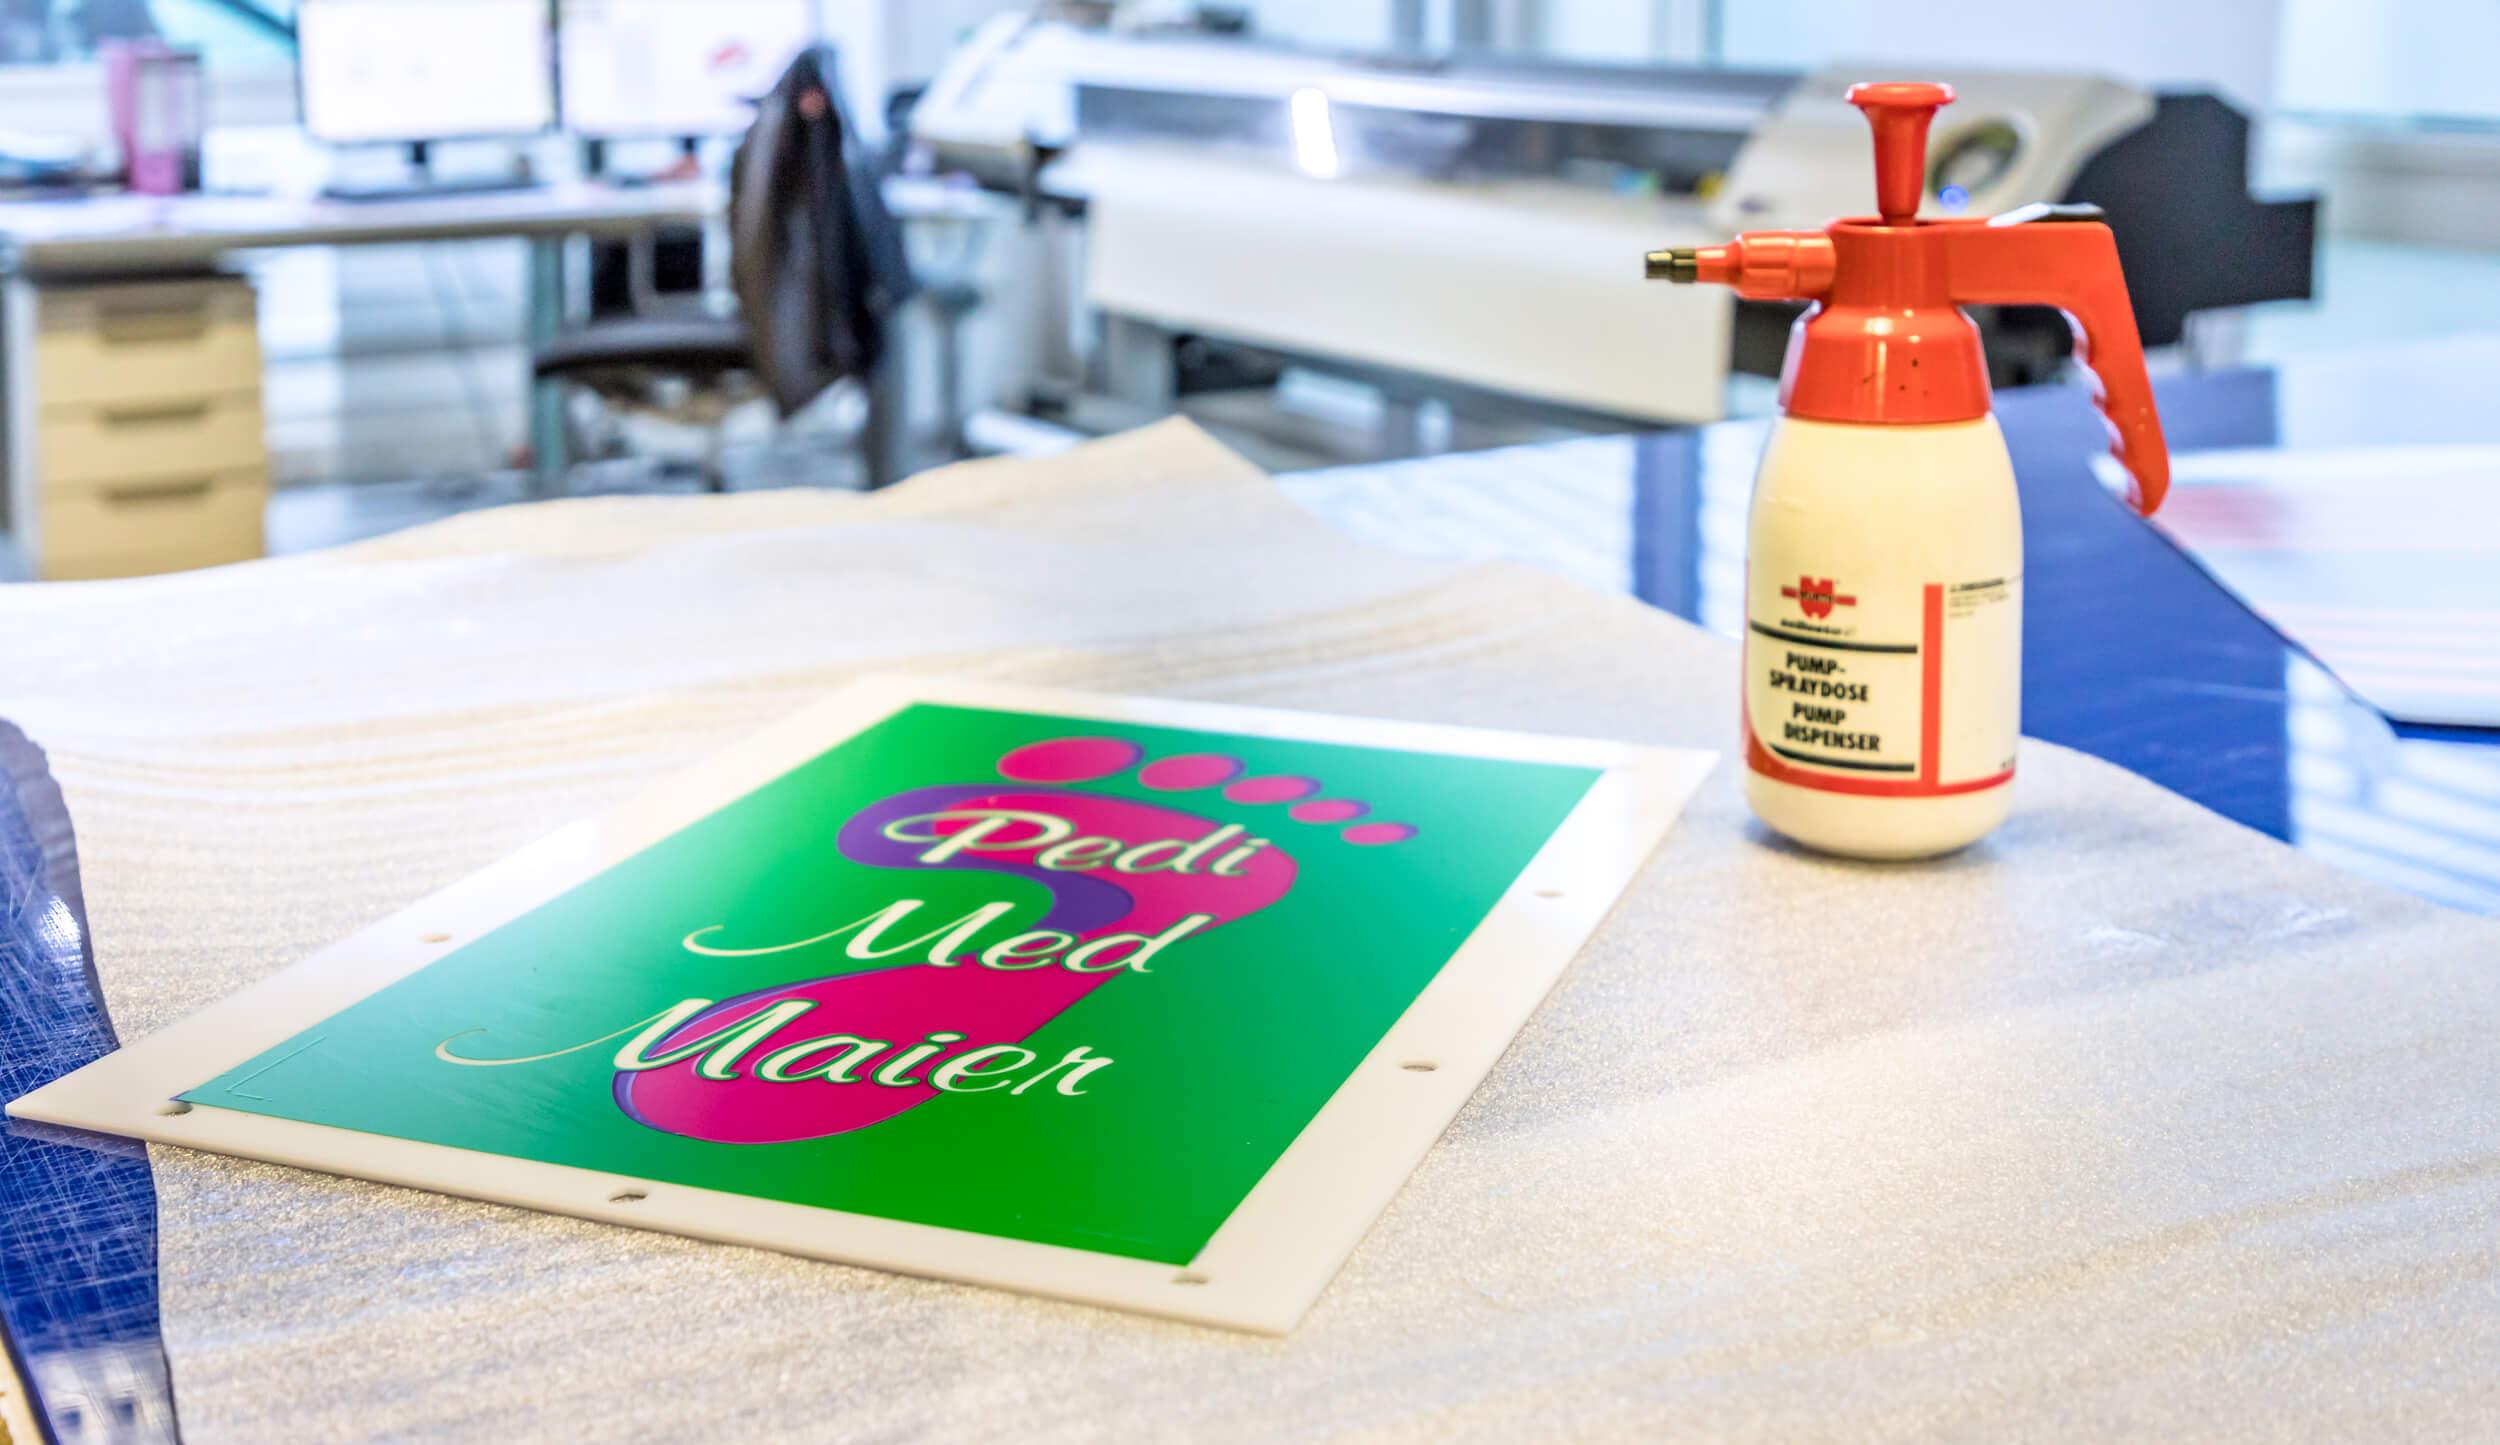 Folienbeschriftung - Montagehalle - Pedi Medi Maier - Werbepylon.de